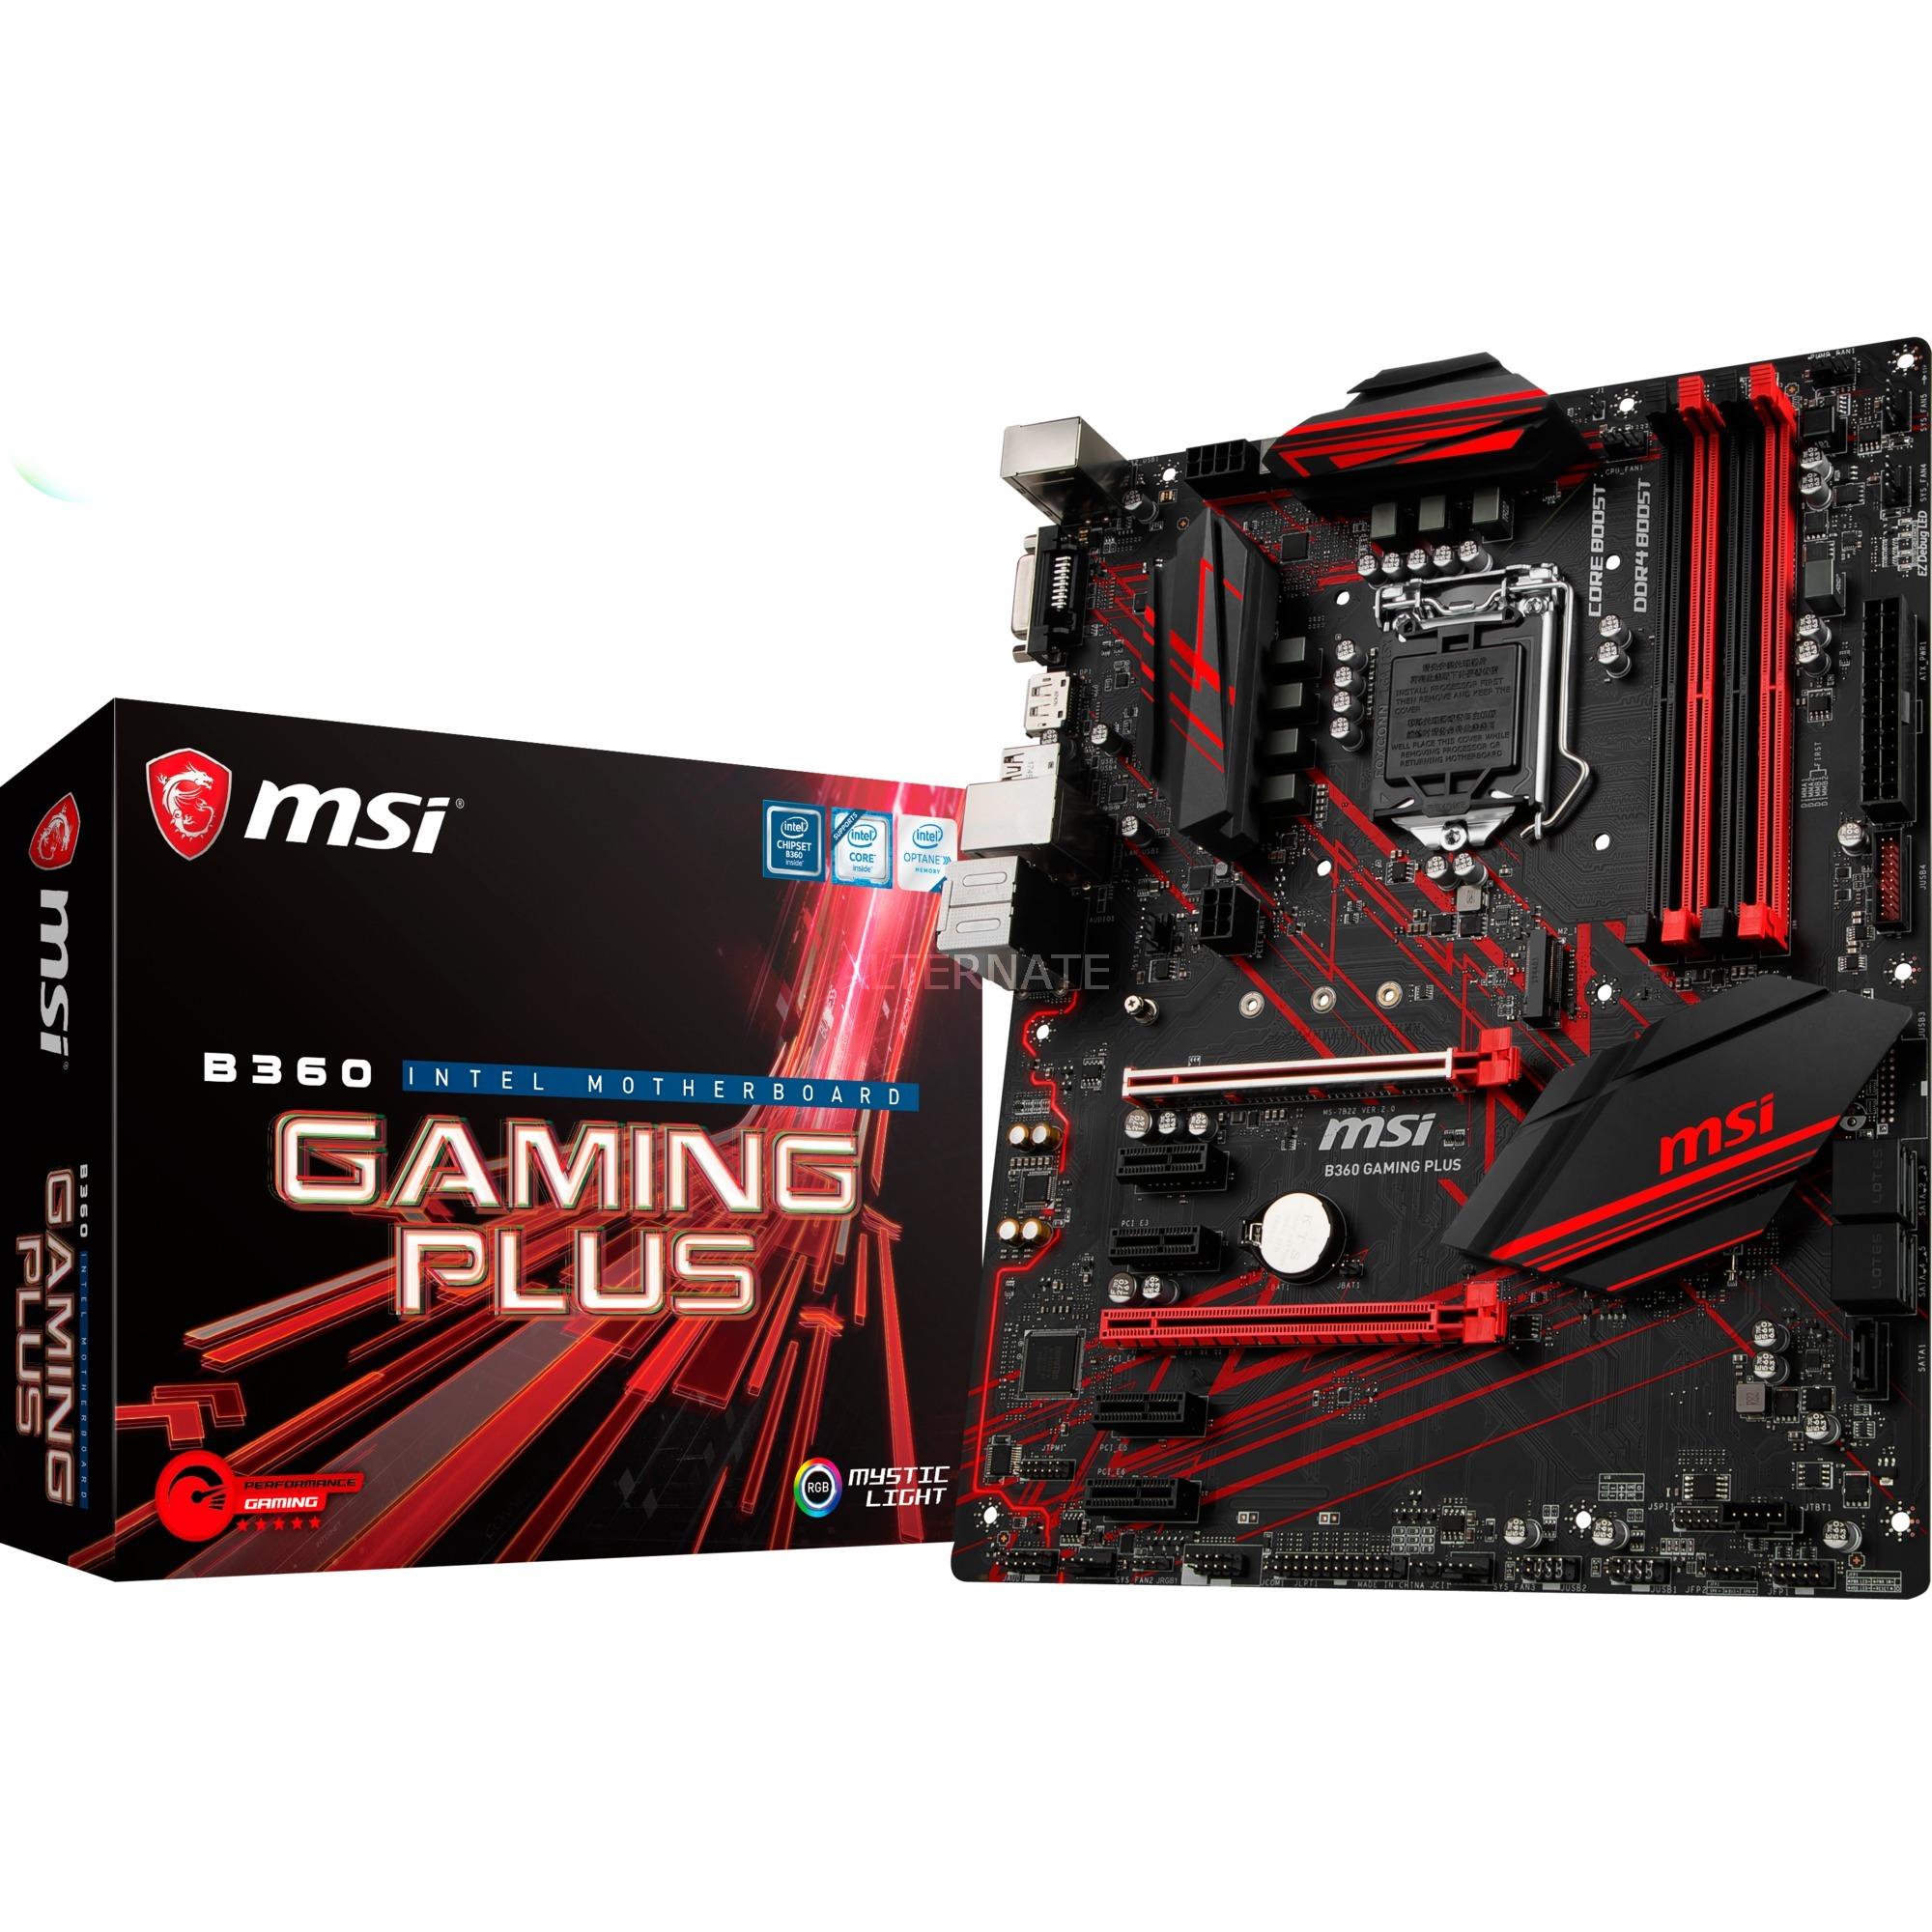 B360 GAMING PLUS LGA 1151 (Zócalo H4) Intel B360 ATX, Placa base